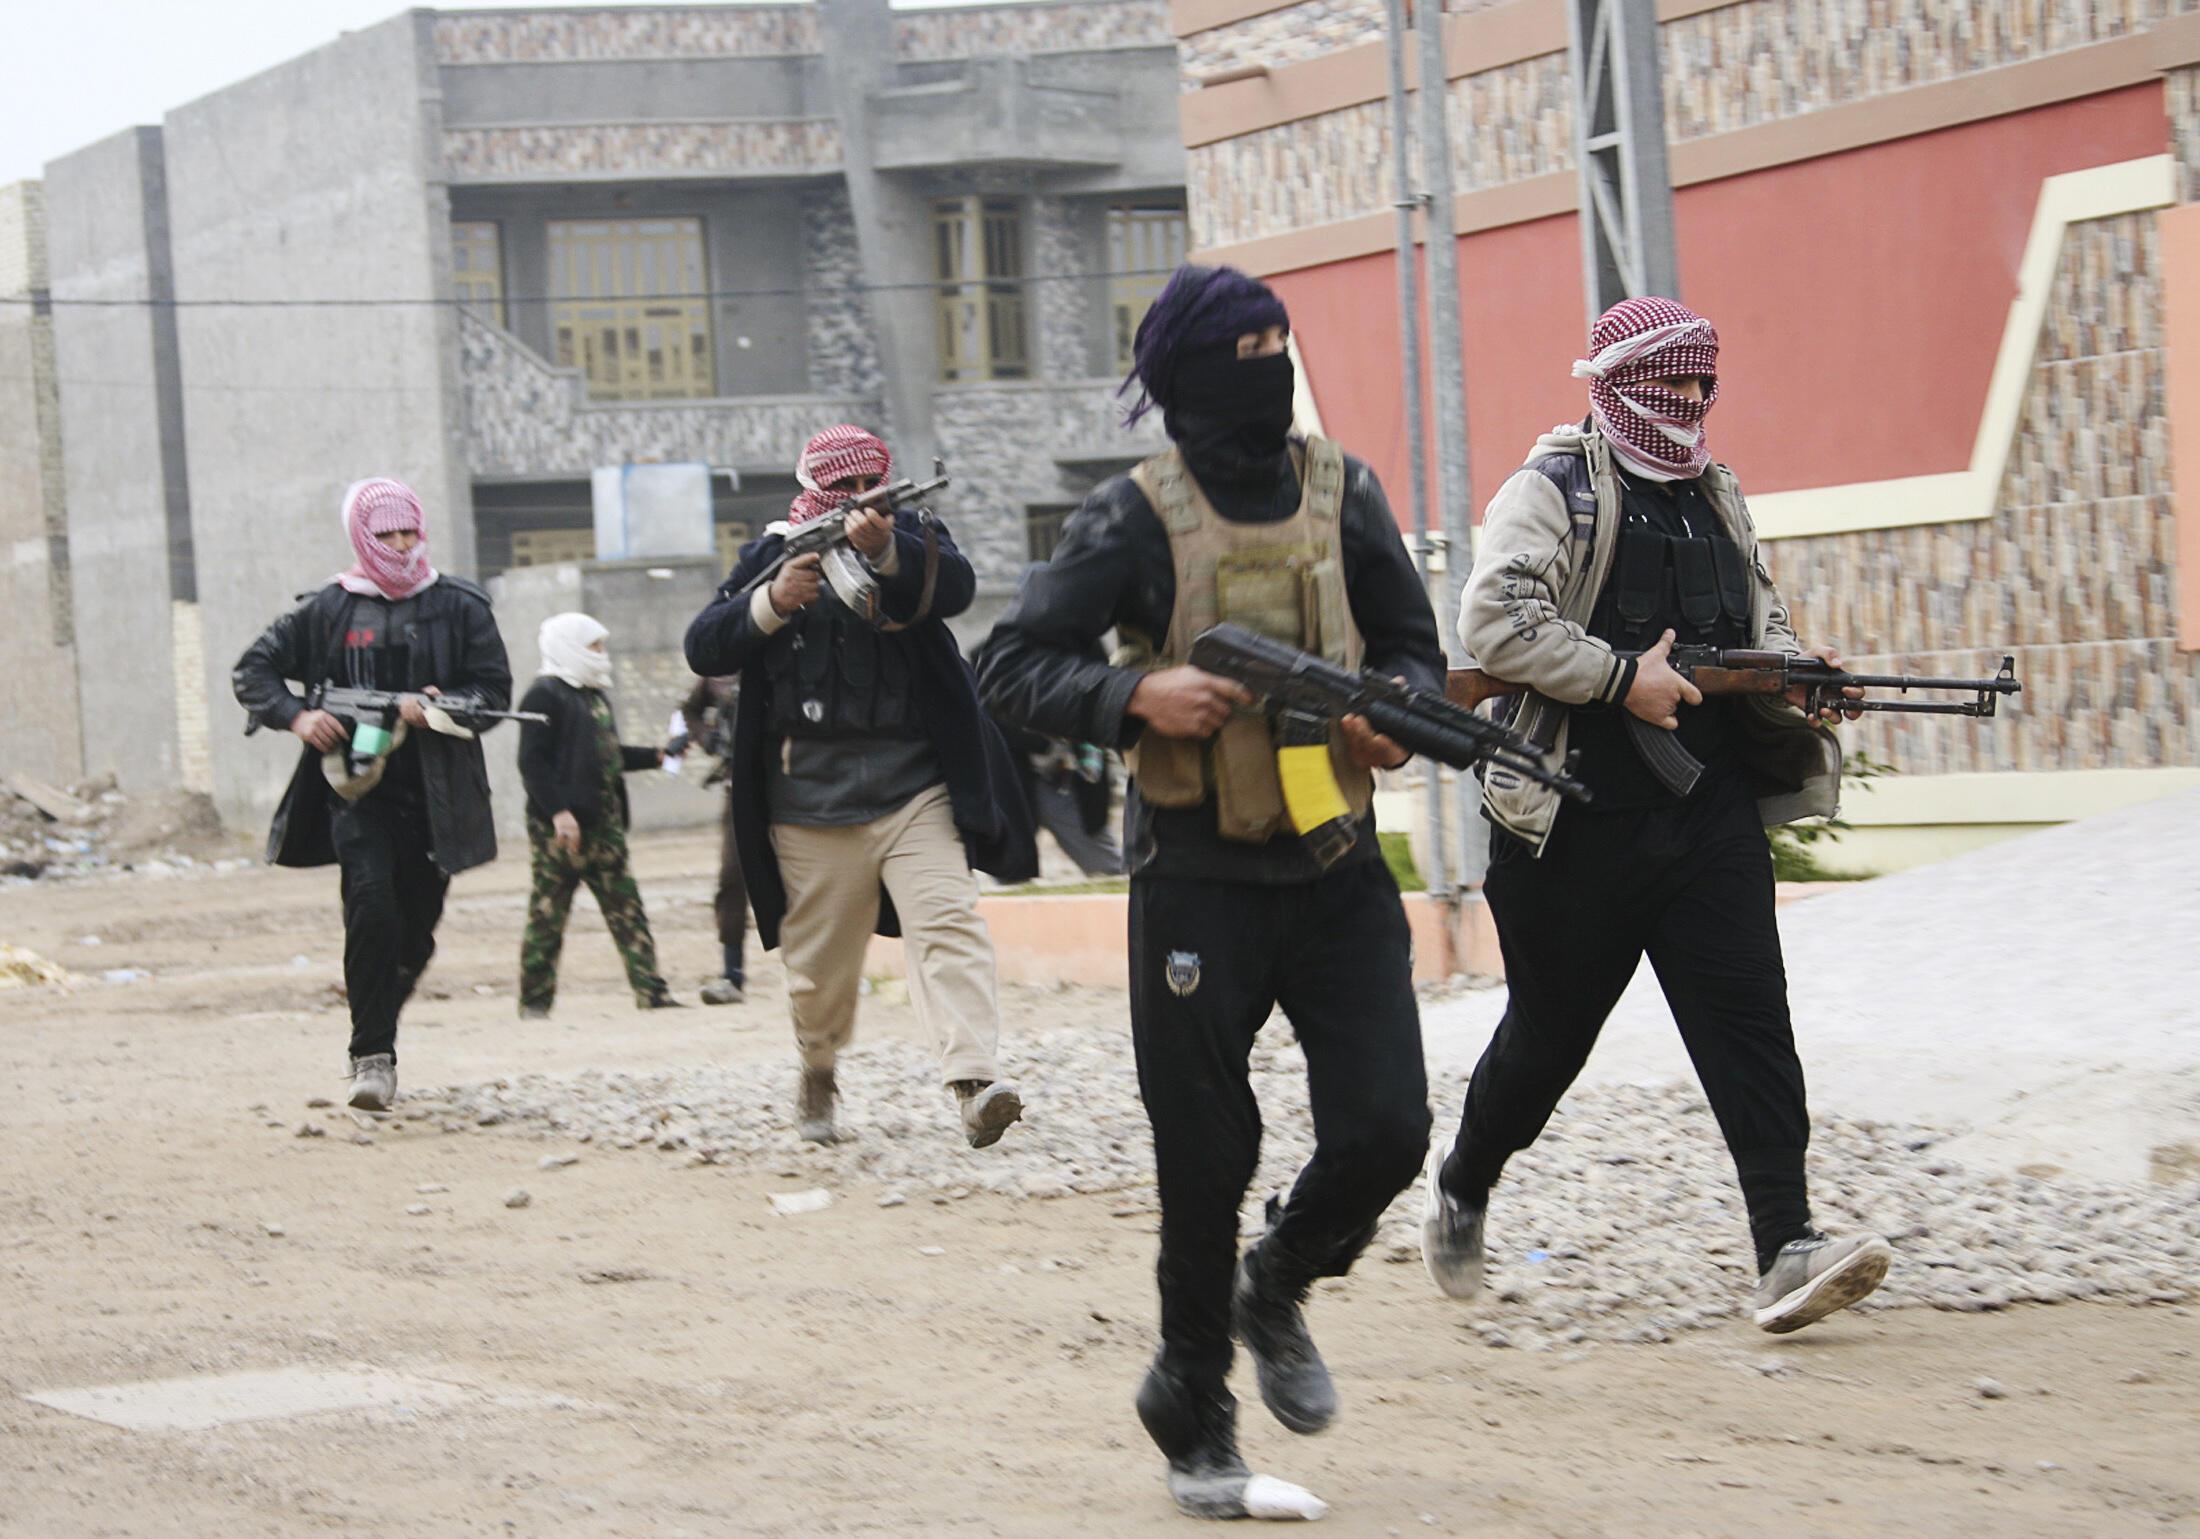 Премьер министр Ирака аль-Малики заявил, что джихадисты выгоняют жителей из завоеванных городов